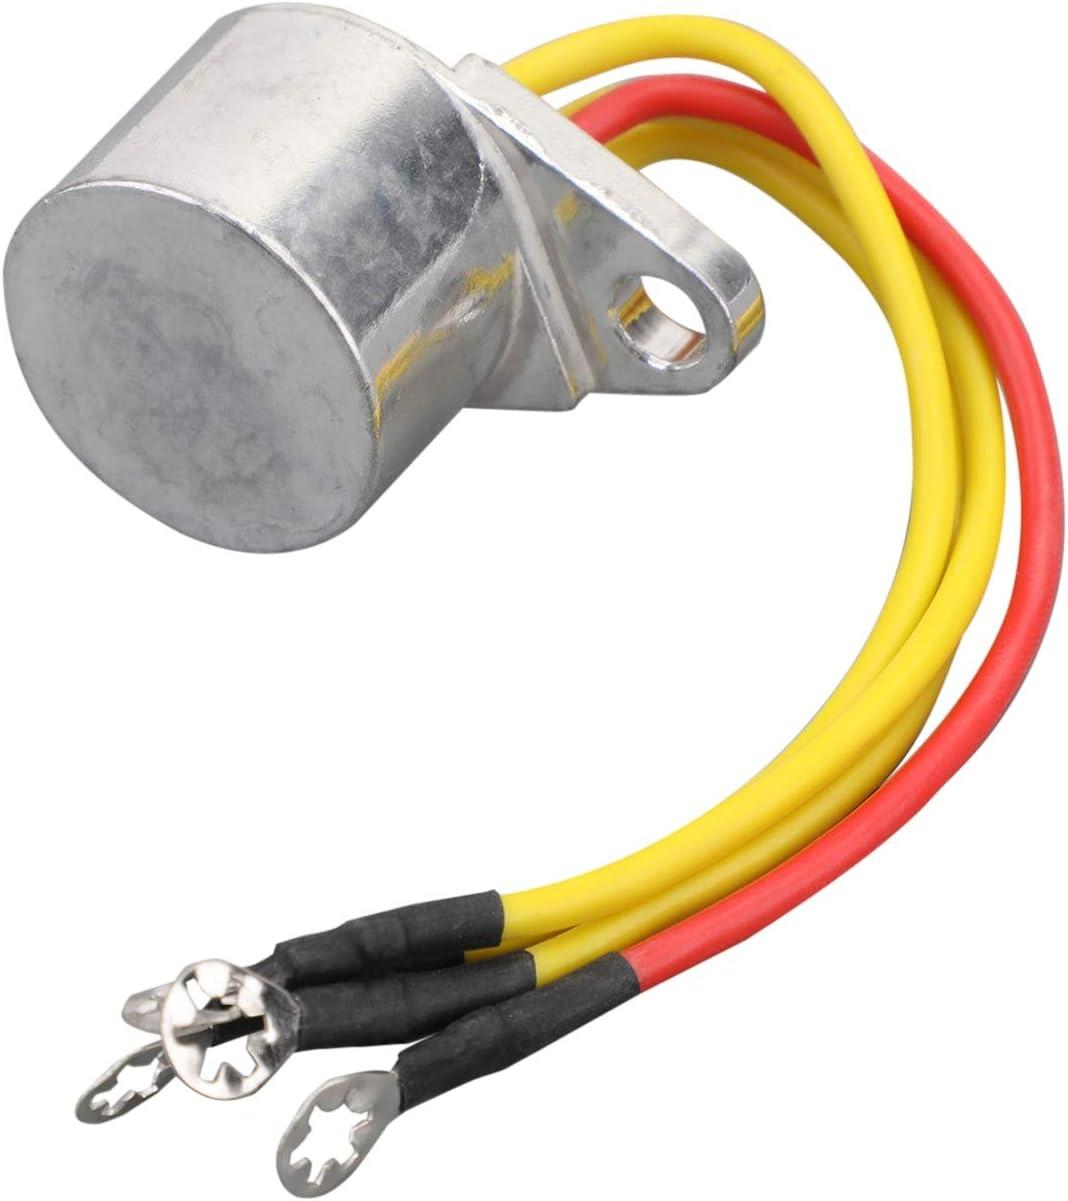 Artudatech Regler Gleichrichter Motorrad 4 Draht Spannungsregler Gleichrichter Passend Für John Son Evinrude Außenborder 4 5hp 60hp 173692 581366 581778 Auto